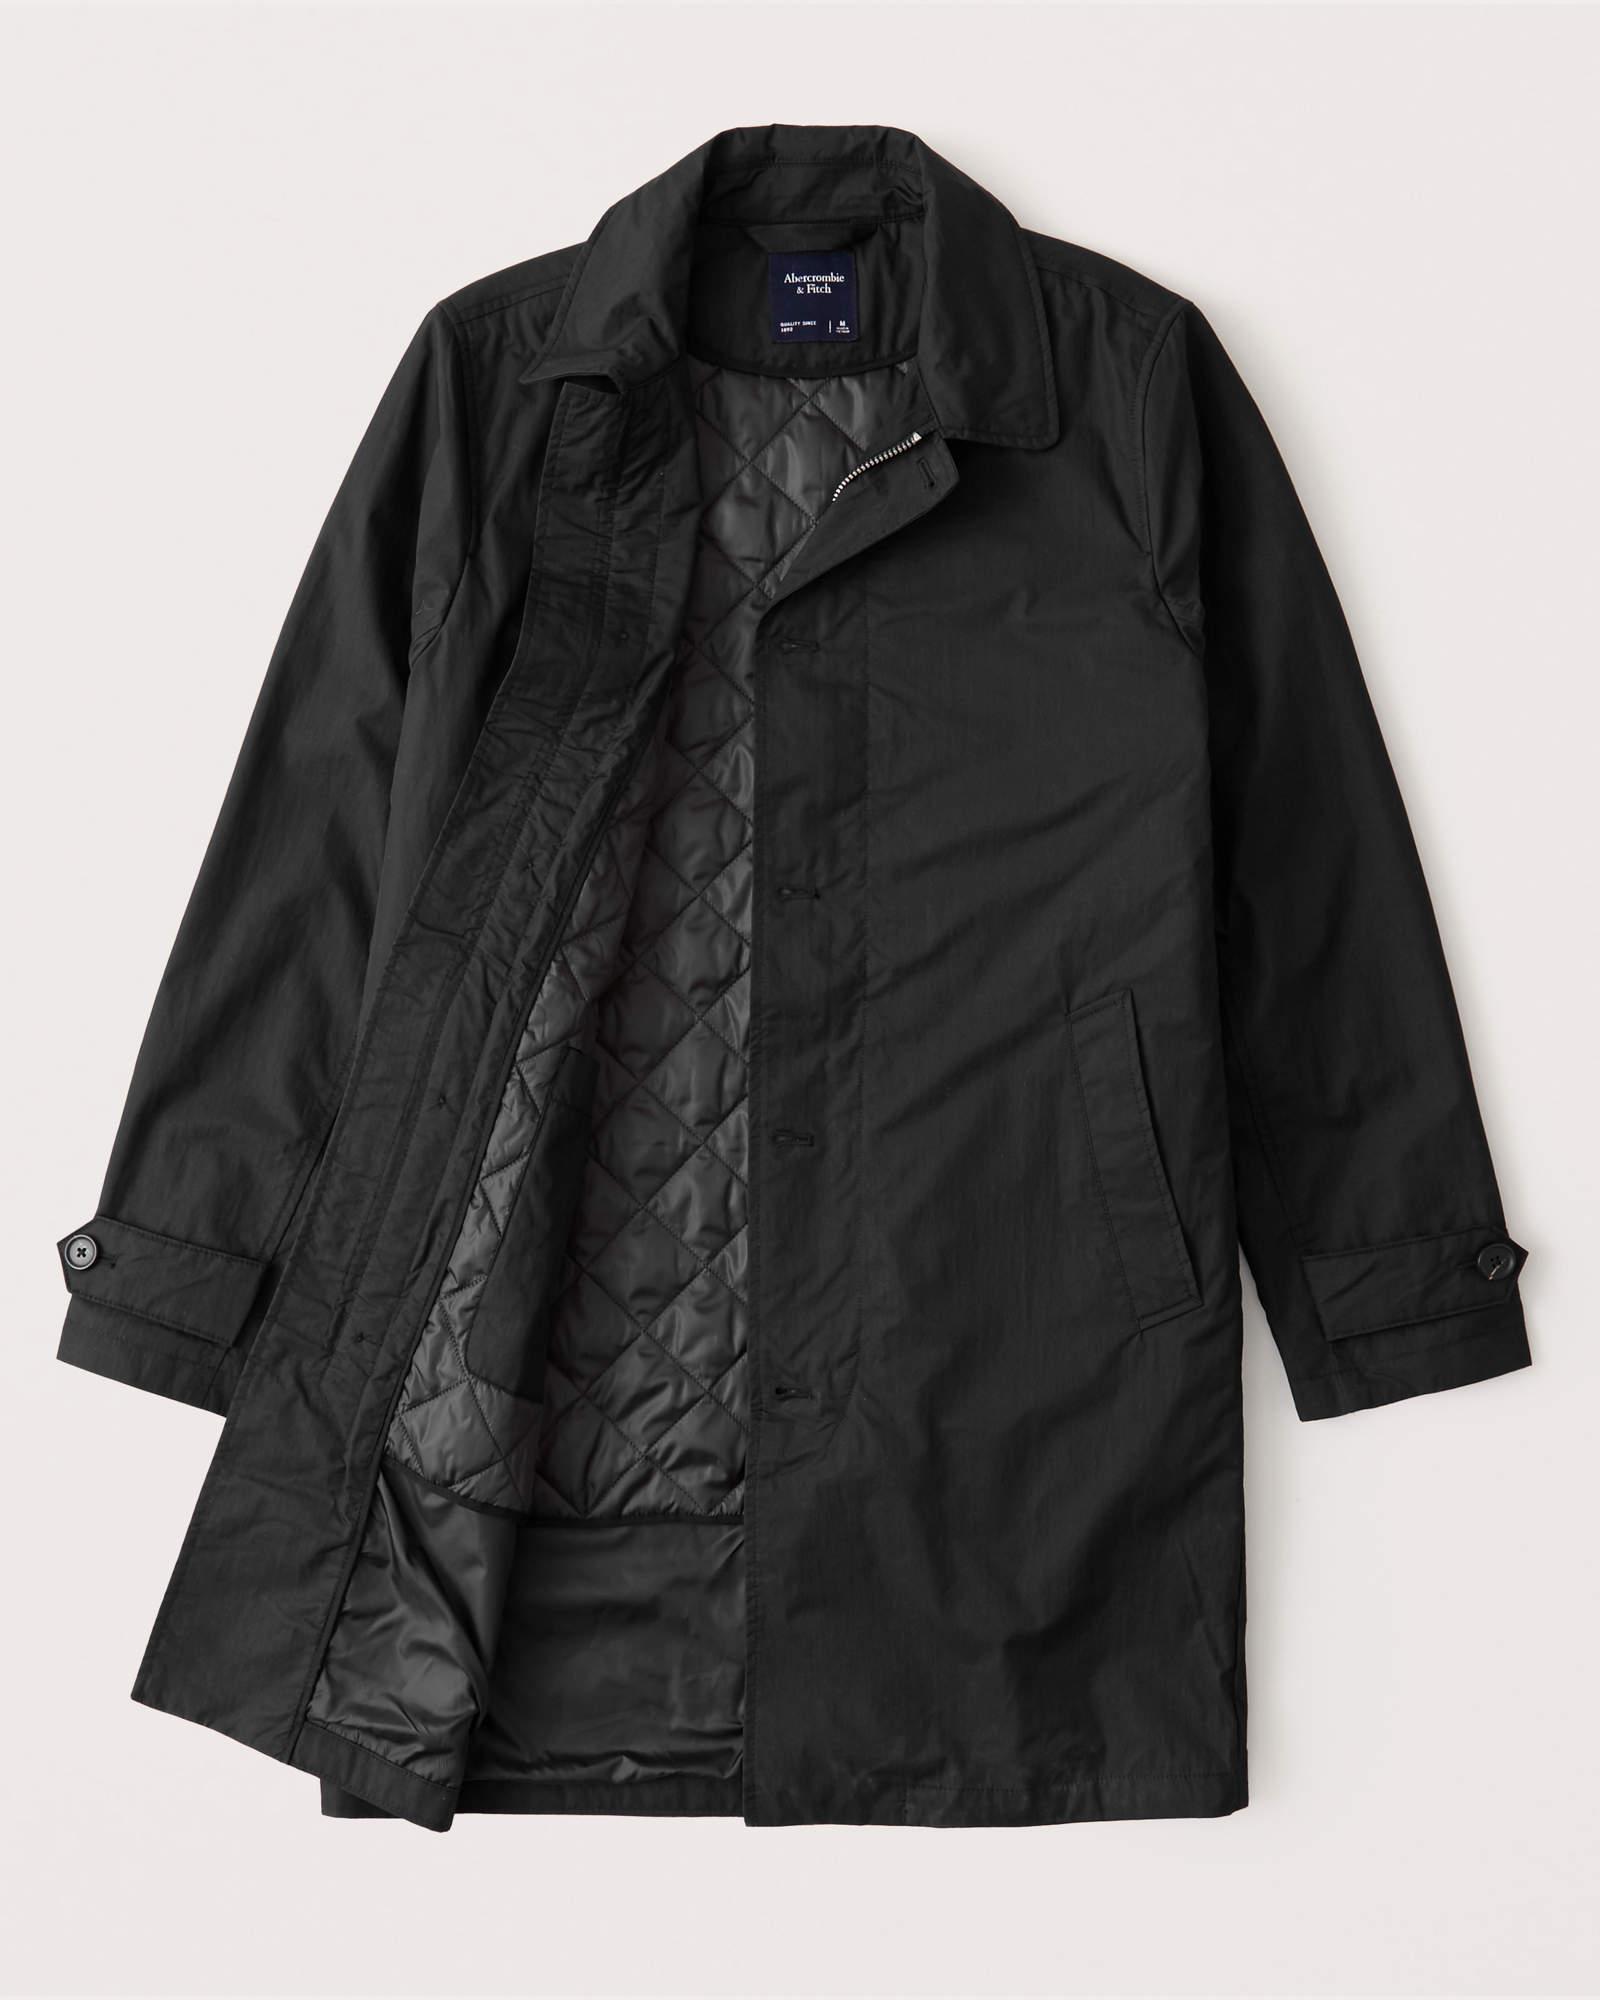 Manteau mi-saison imperméable pour Homme - Tailles XS et M